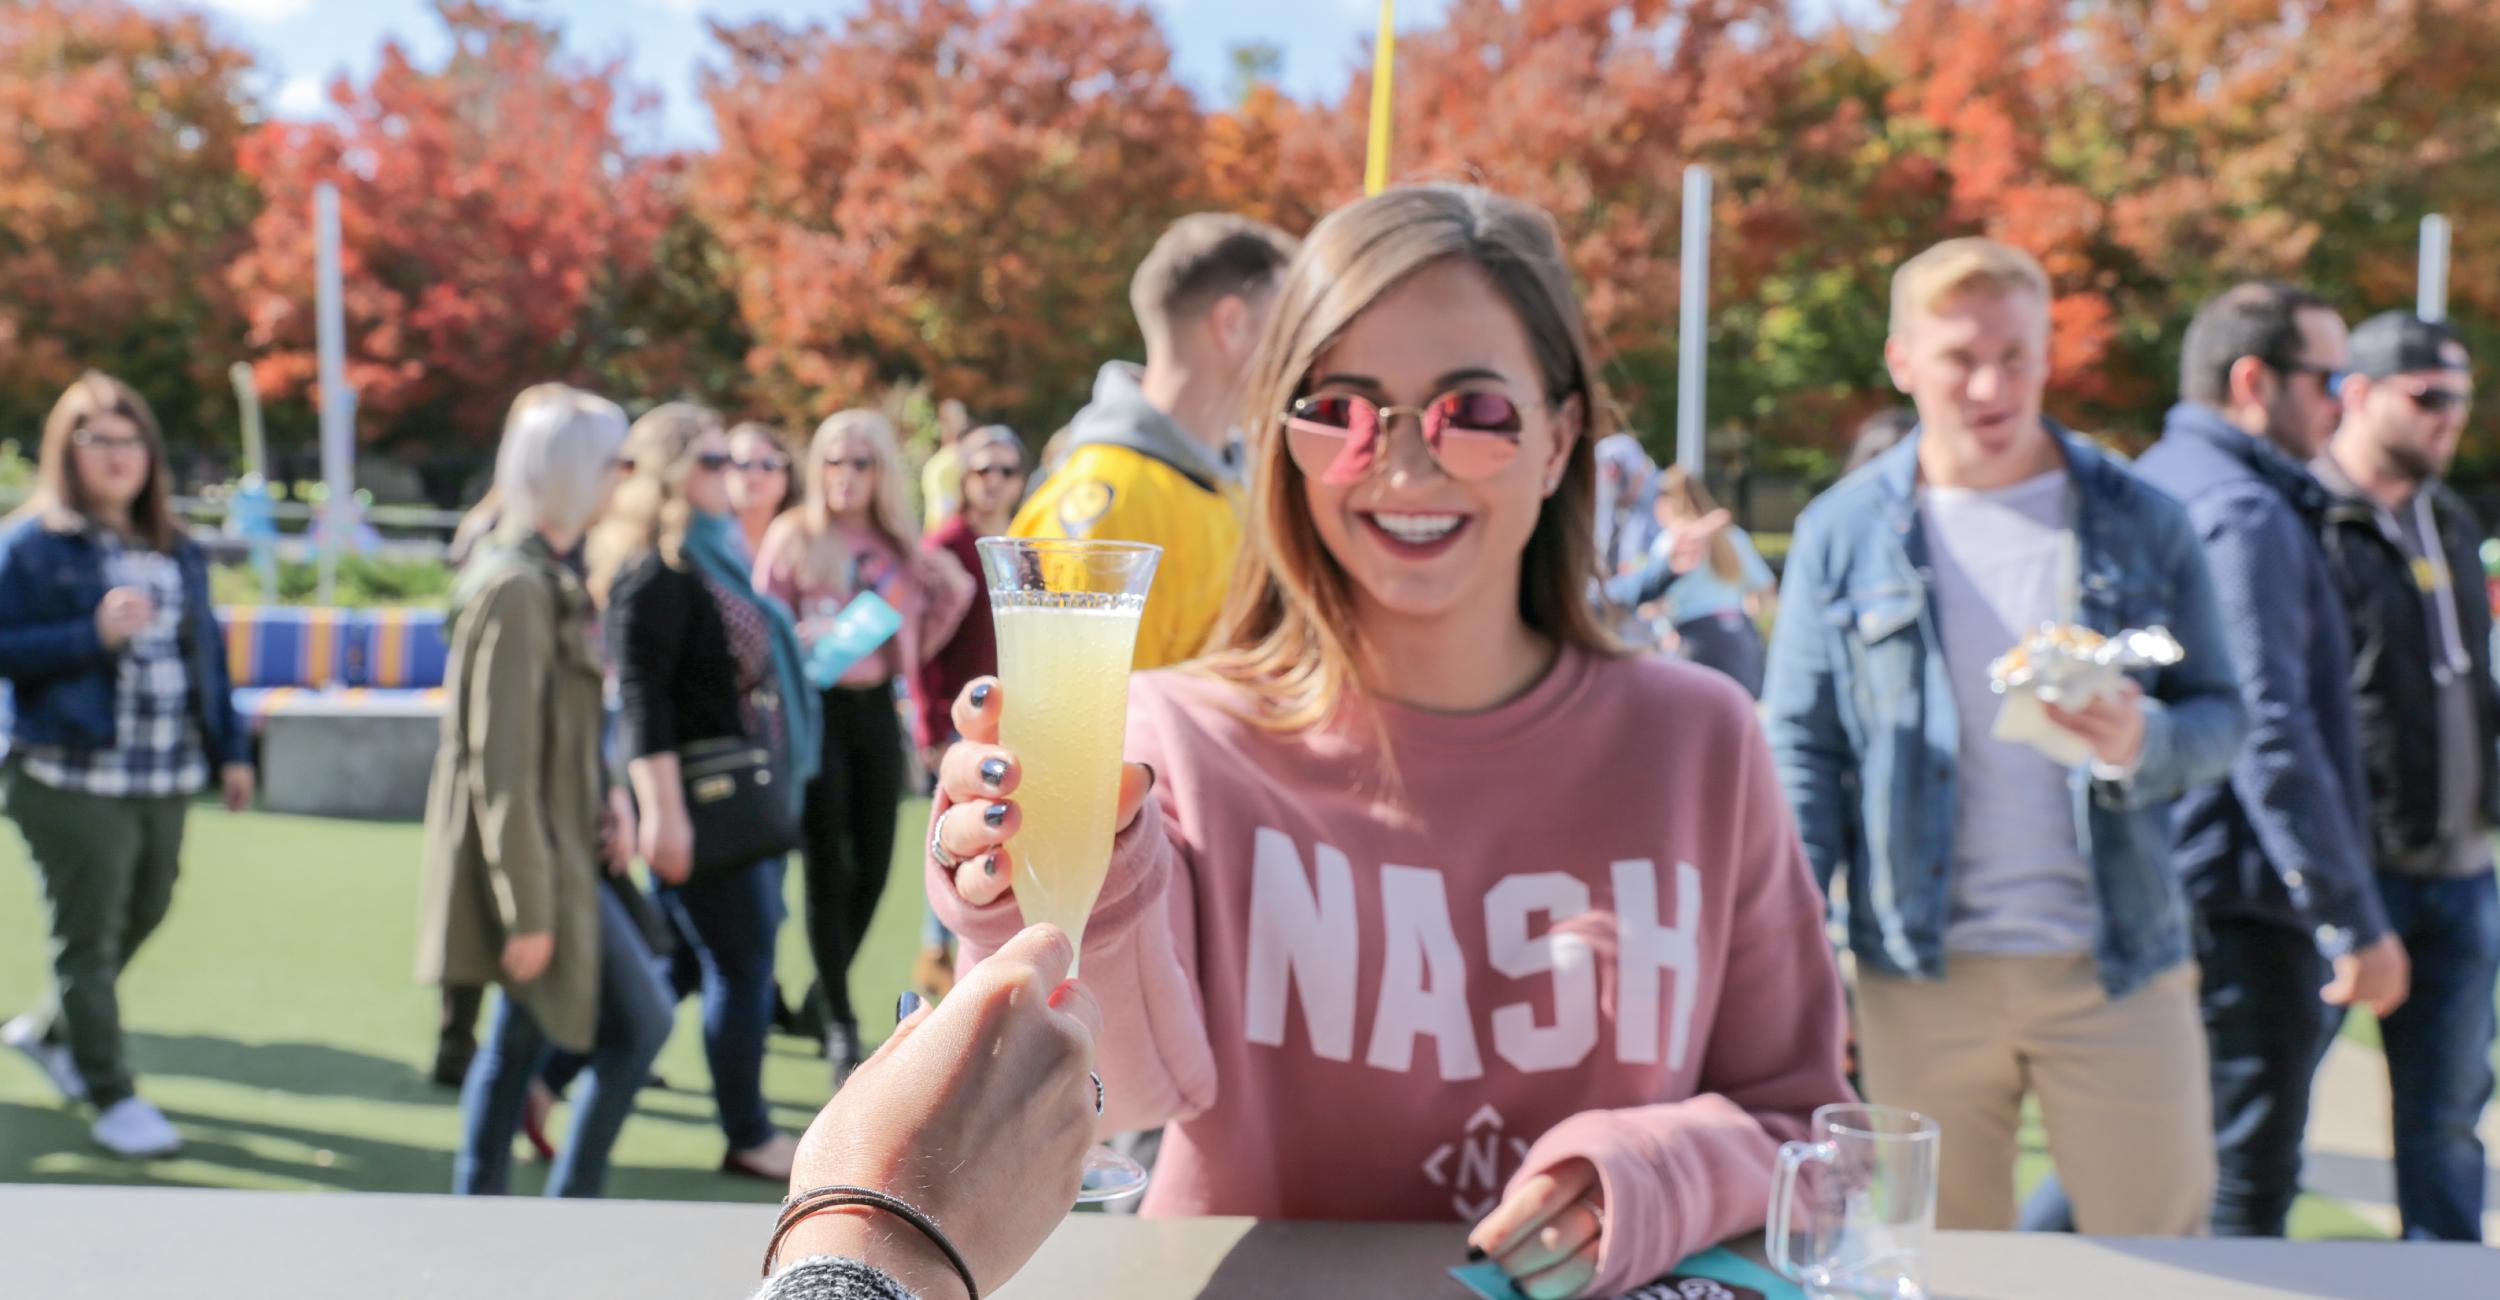 NASH-imagery-mimosa.png